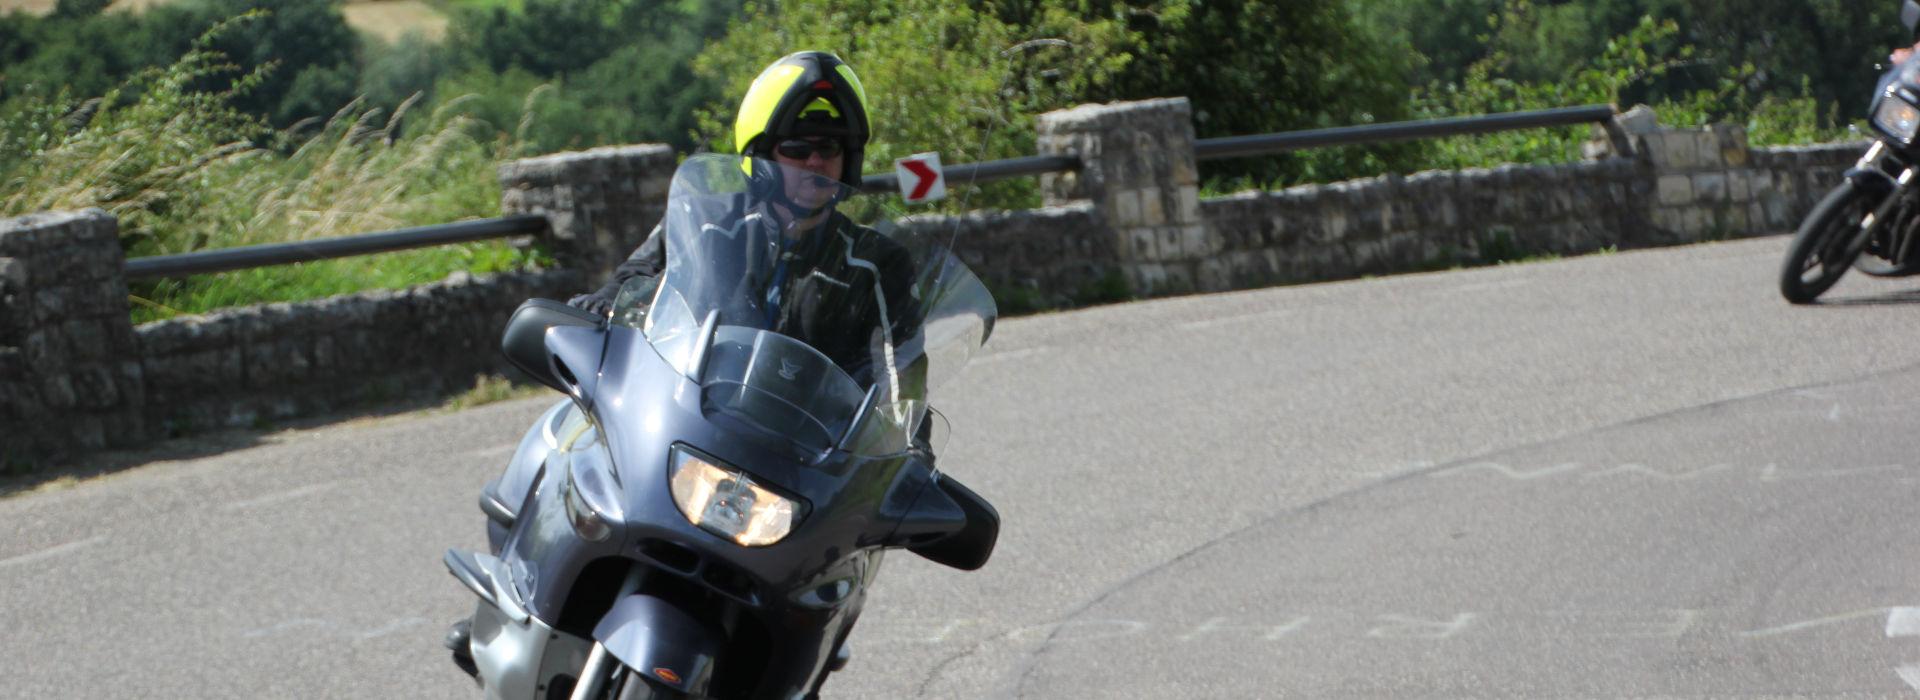 Motorrijschool Motorrijbewijspoint Arnemuiden motorrijlessen